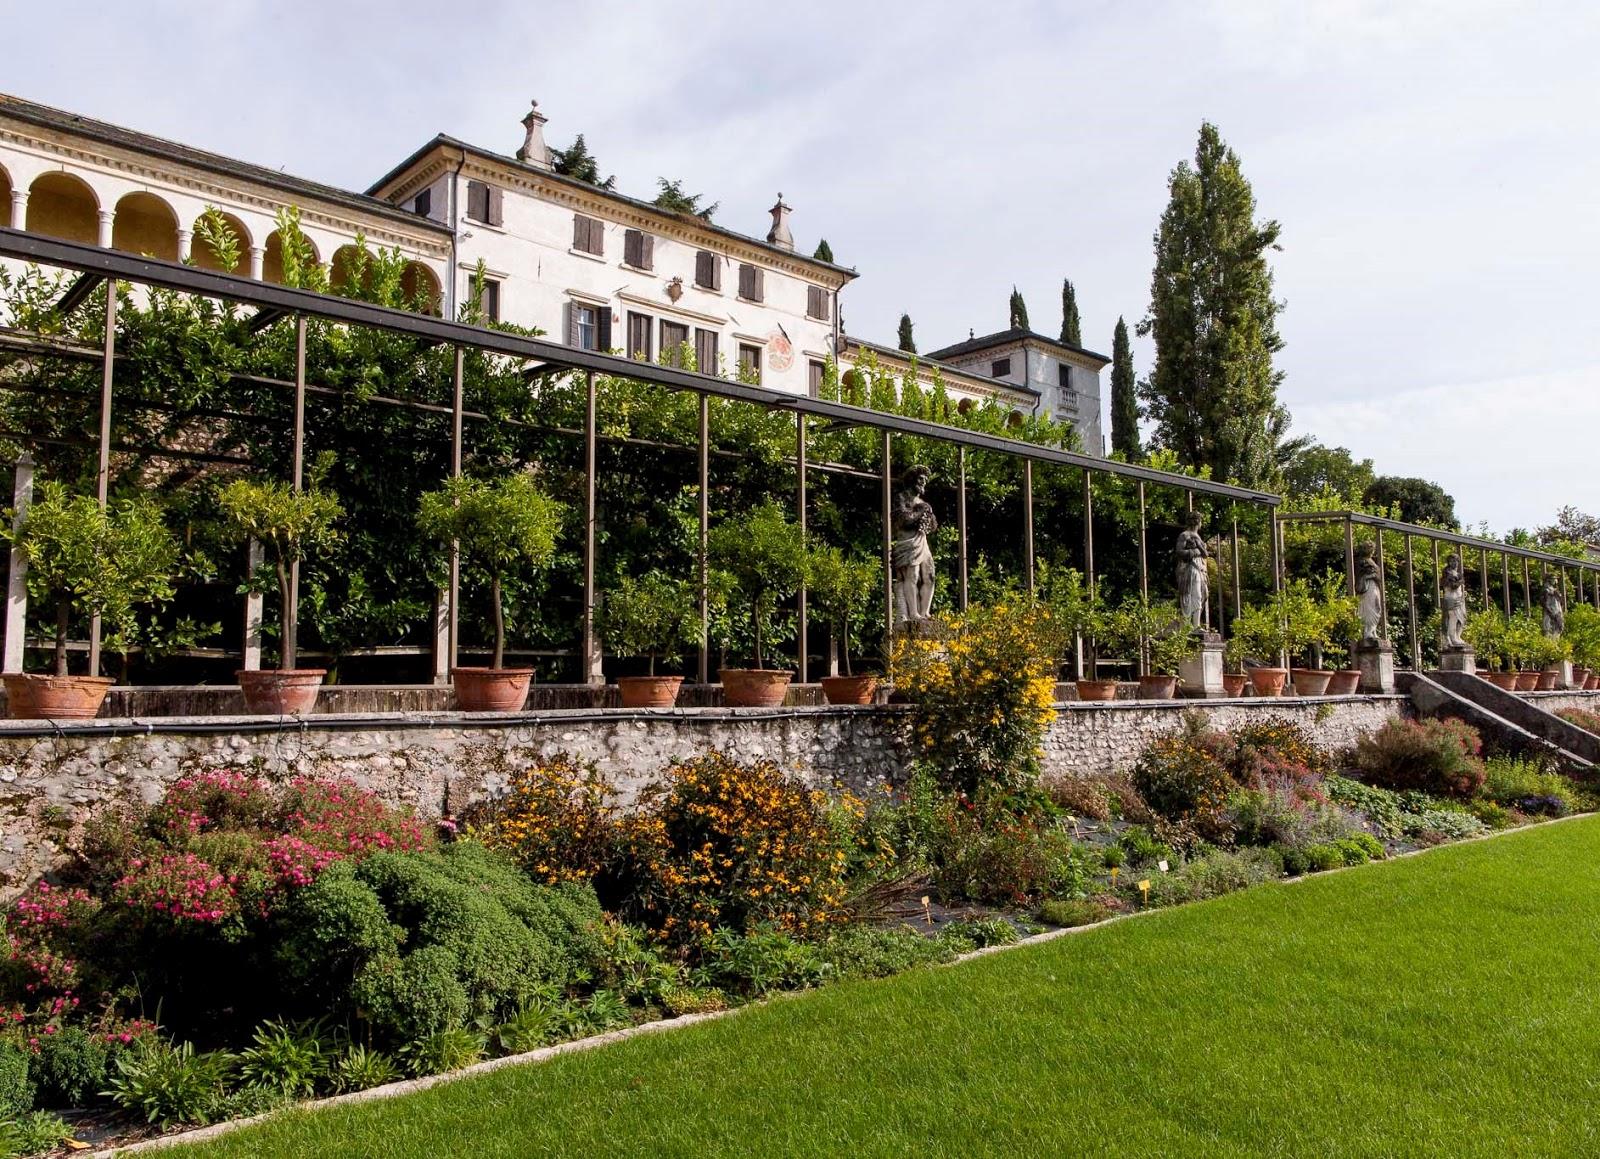 Paesaggi di villa. Architettura e giardini nel Veneto  IL POPOLO VENETO